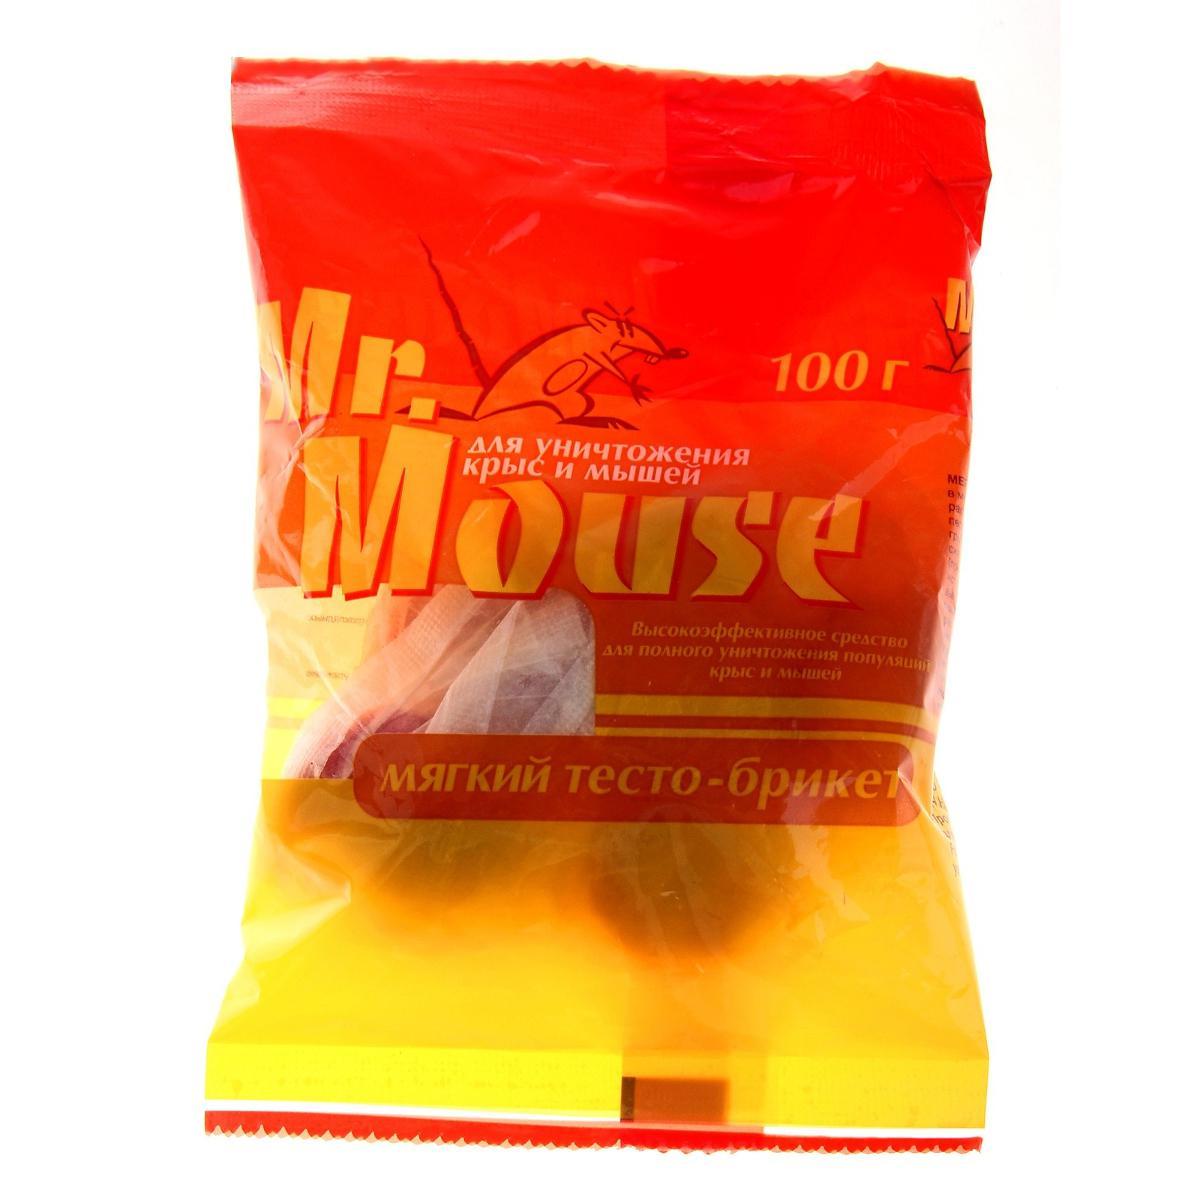 Гранулы Mr. mouse СЗ.040005